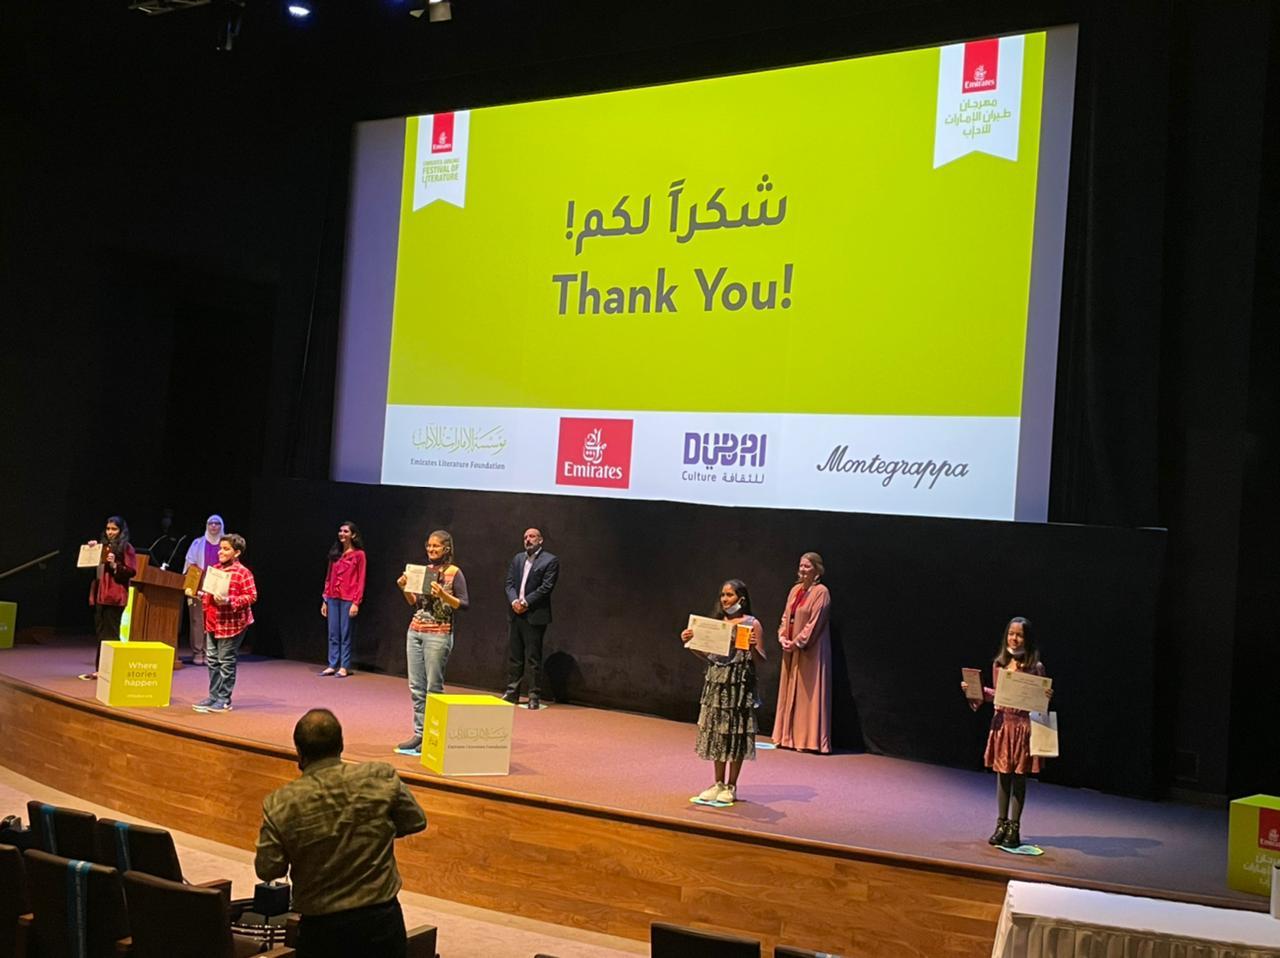 جين أوستن تلهم طالبة مصرية فازت بجائزة في مهرجان طيران الإمارات للآداب ومونتيغرابا